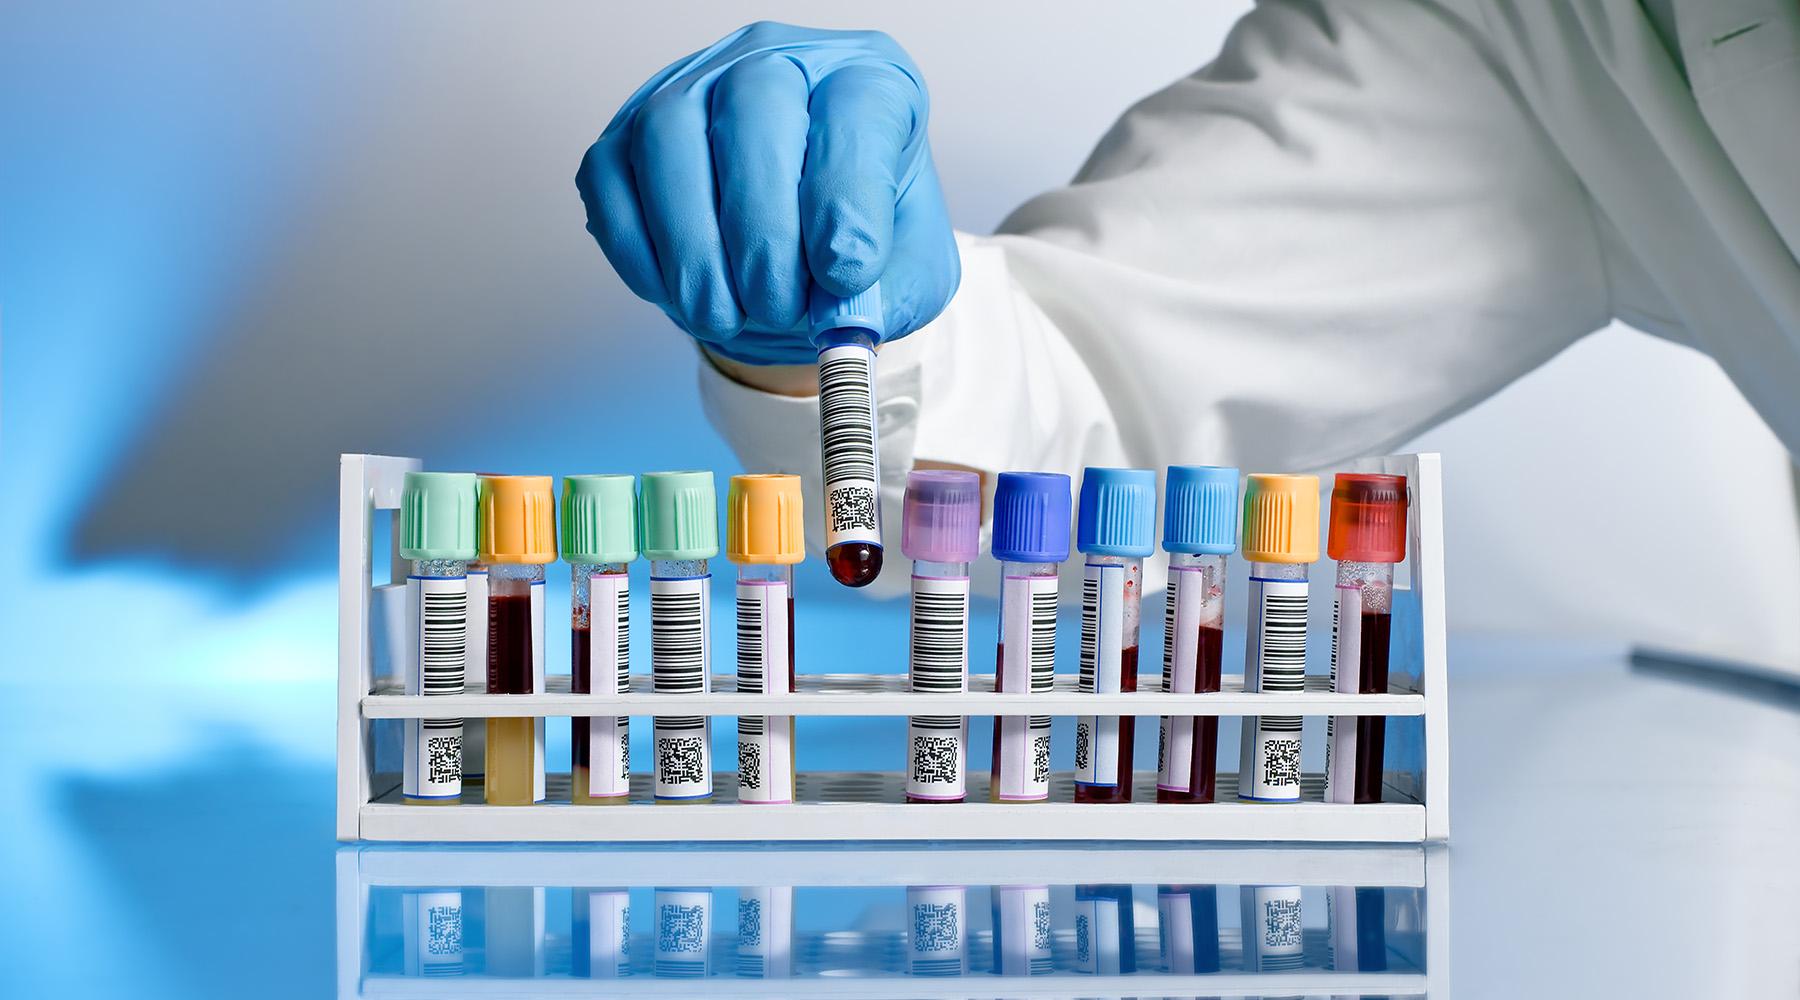 especialização em análises clínicas - análises clínicas em pelotas